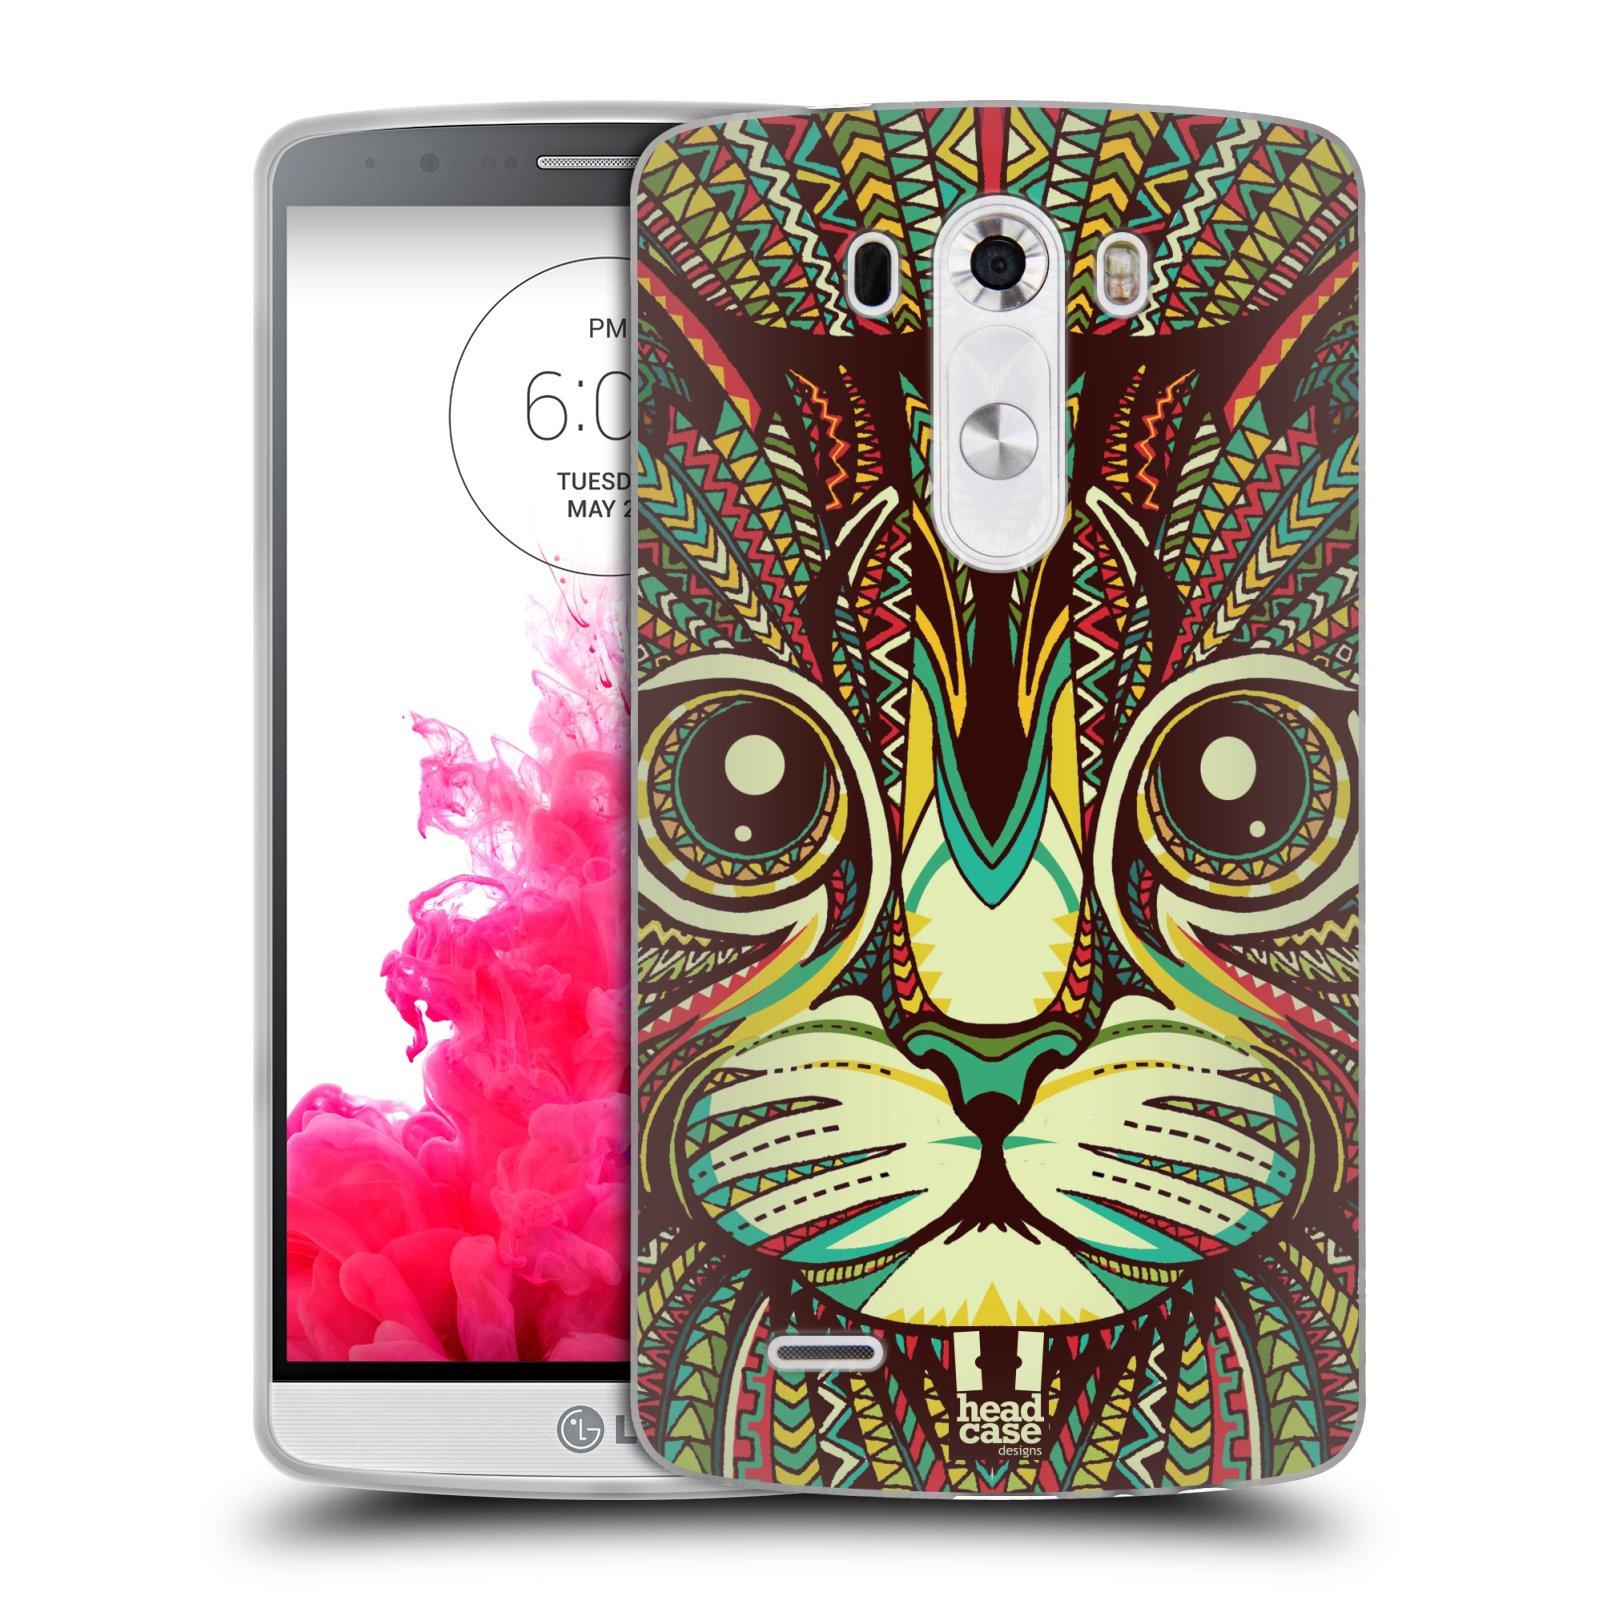 Silikonové pouzdro na mobil LG G3 HEAD CASE AZTEC KOČKA (Silikonový kryt či obal na mobilní telefon LG G3 D855)